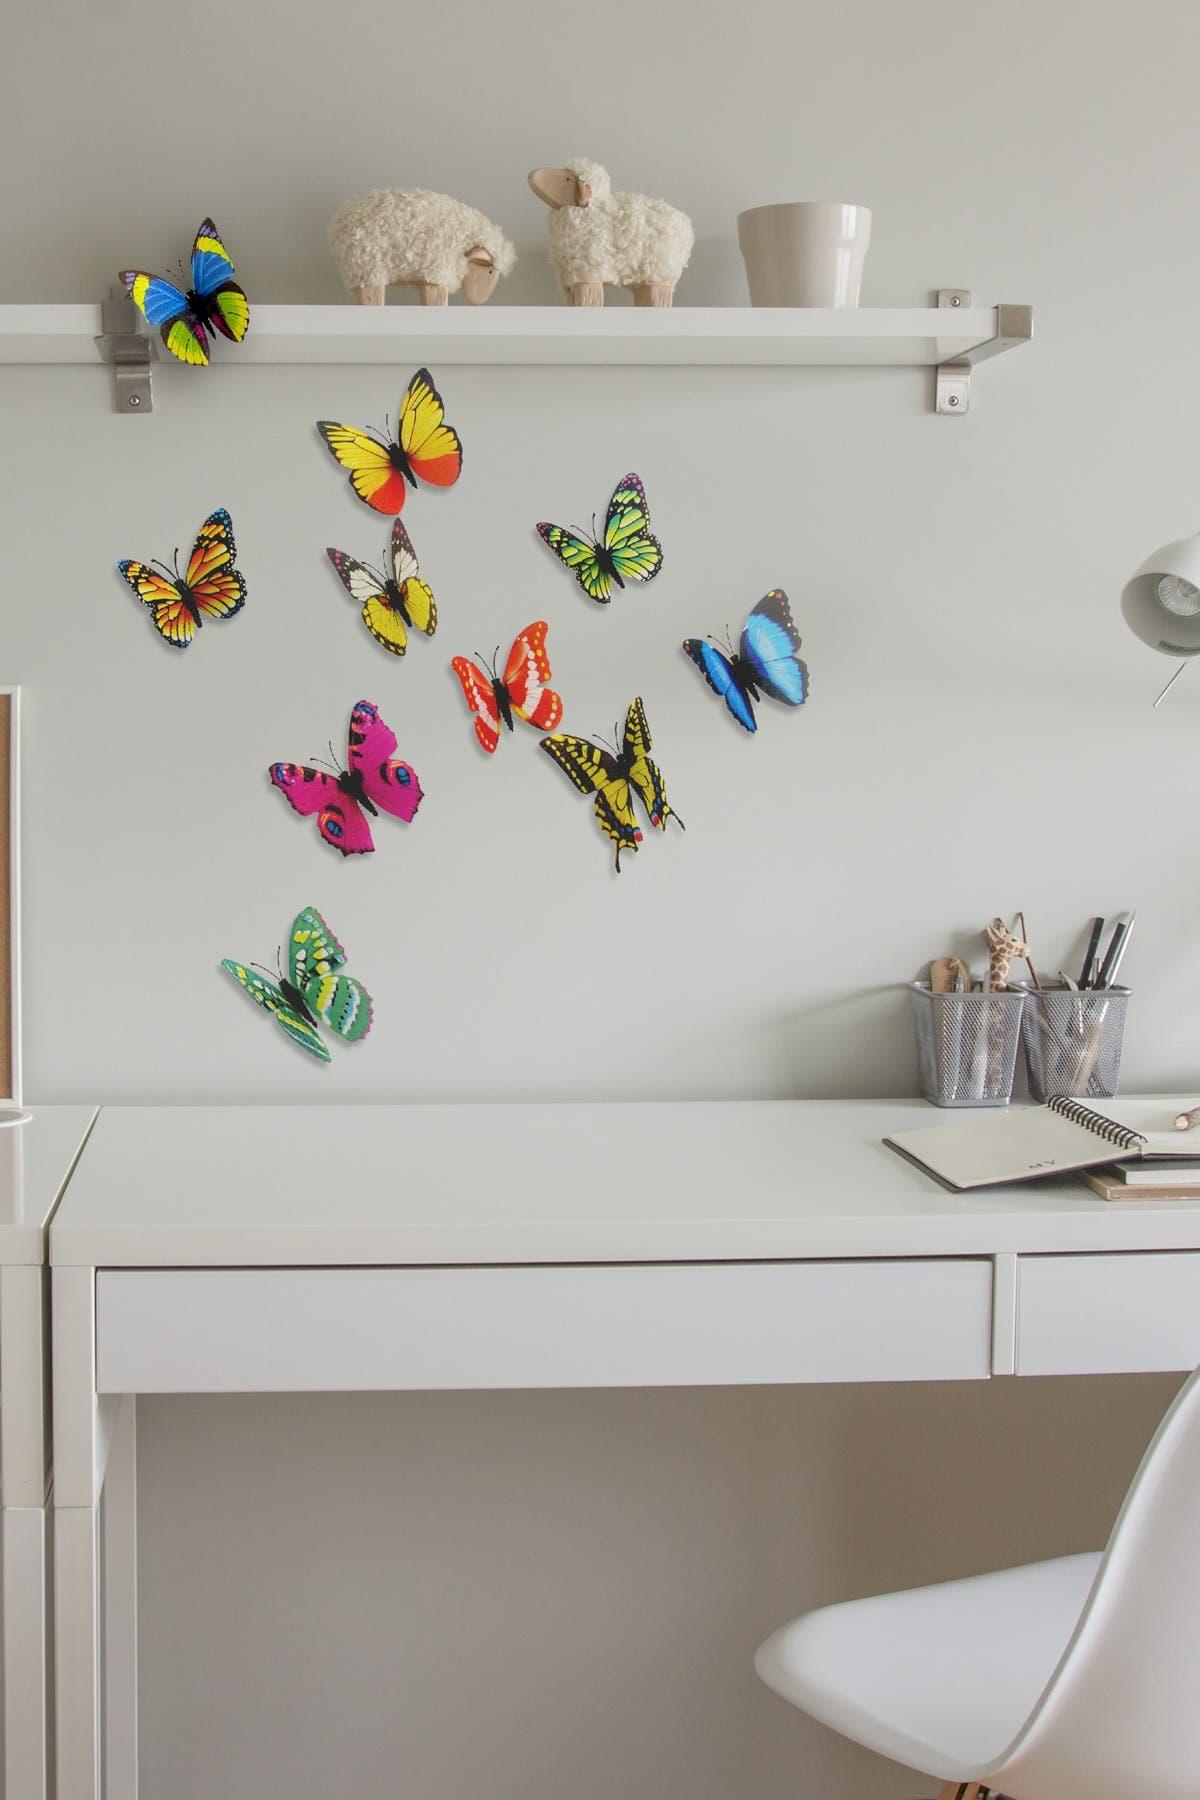 Image of WalPlus 3D Butterfly Wall Sticker